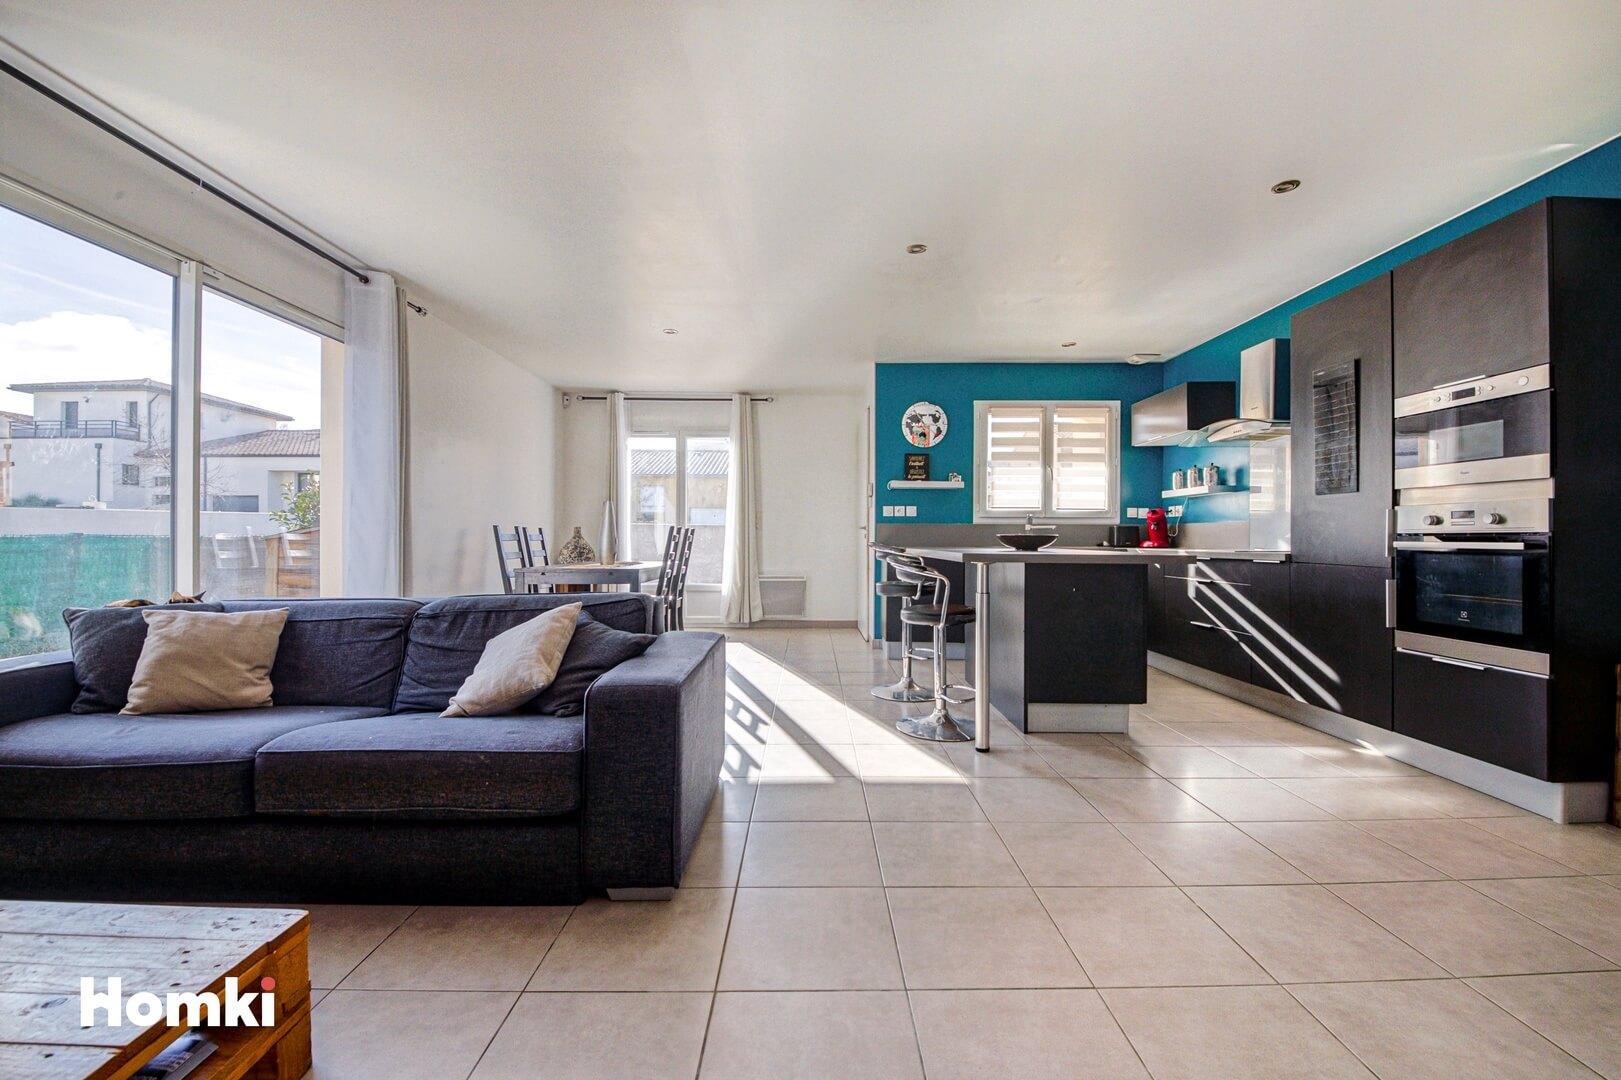 Homki - Vente Maison/villa  de 86.0 m² à Gigean 34770